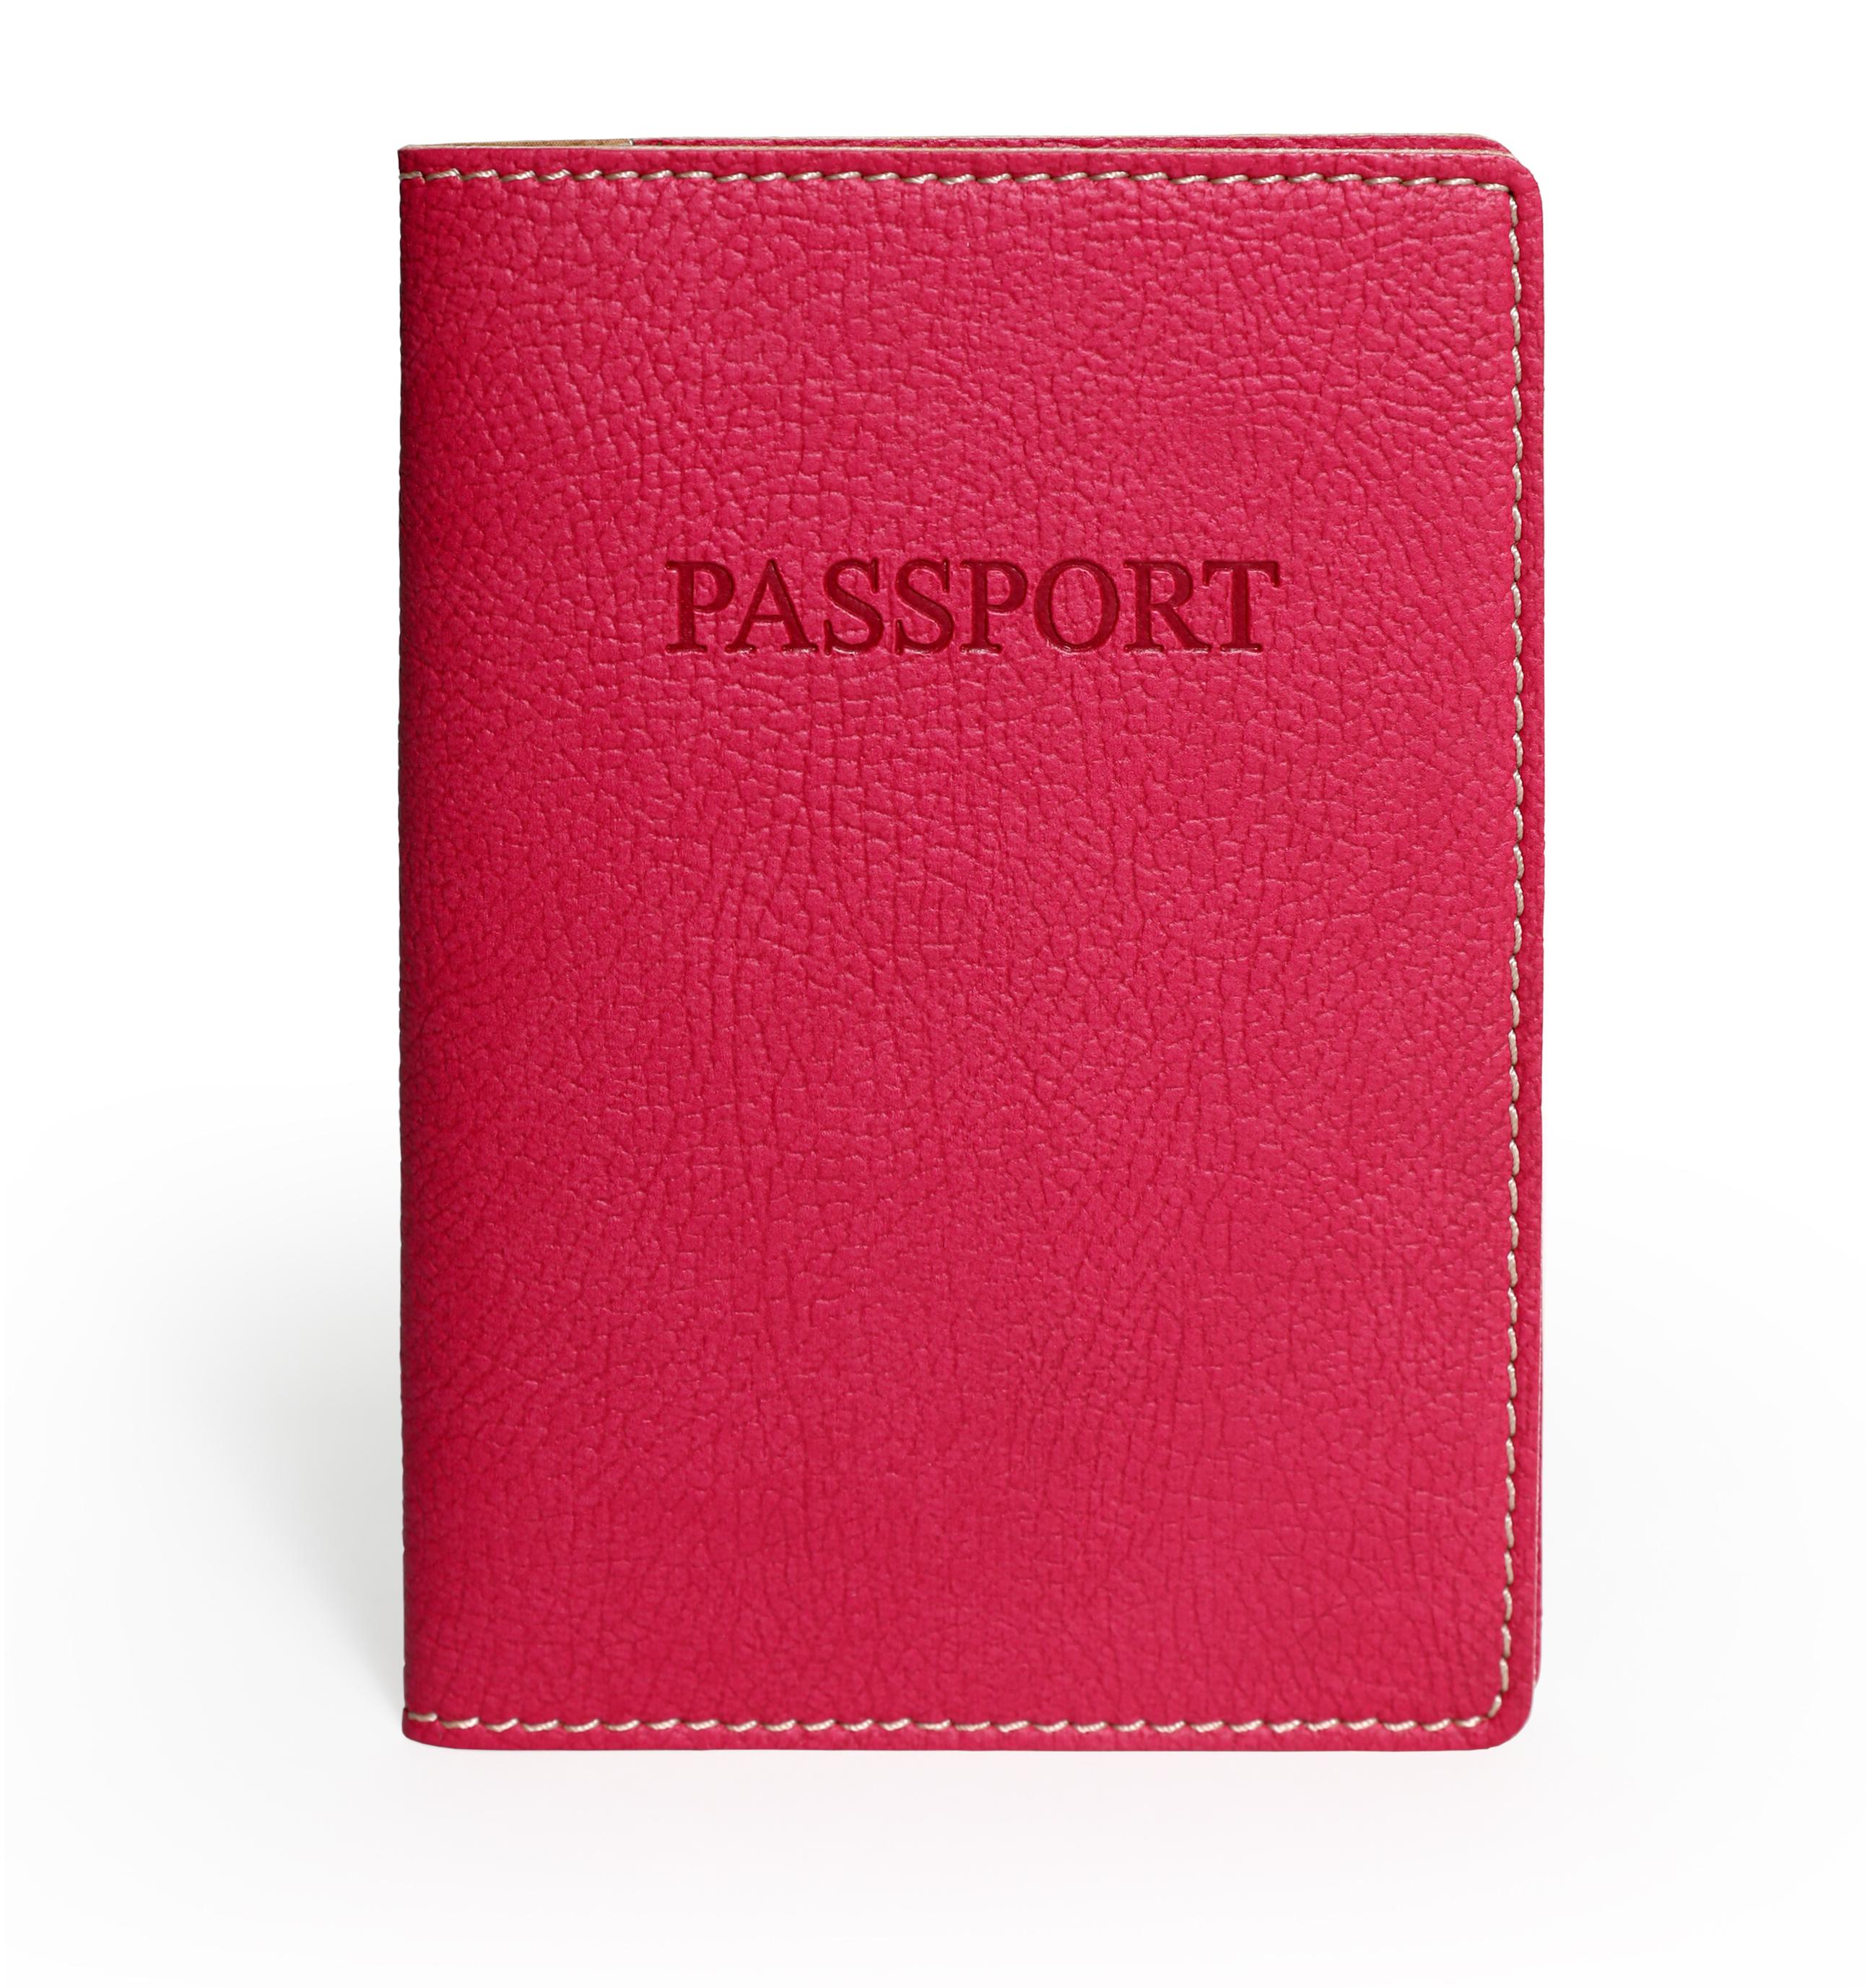 A4077-PI  - Passport Cover